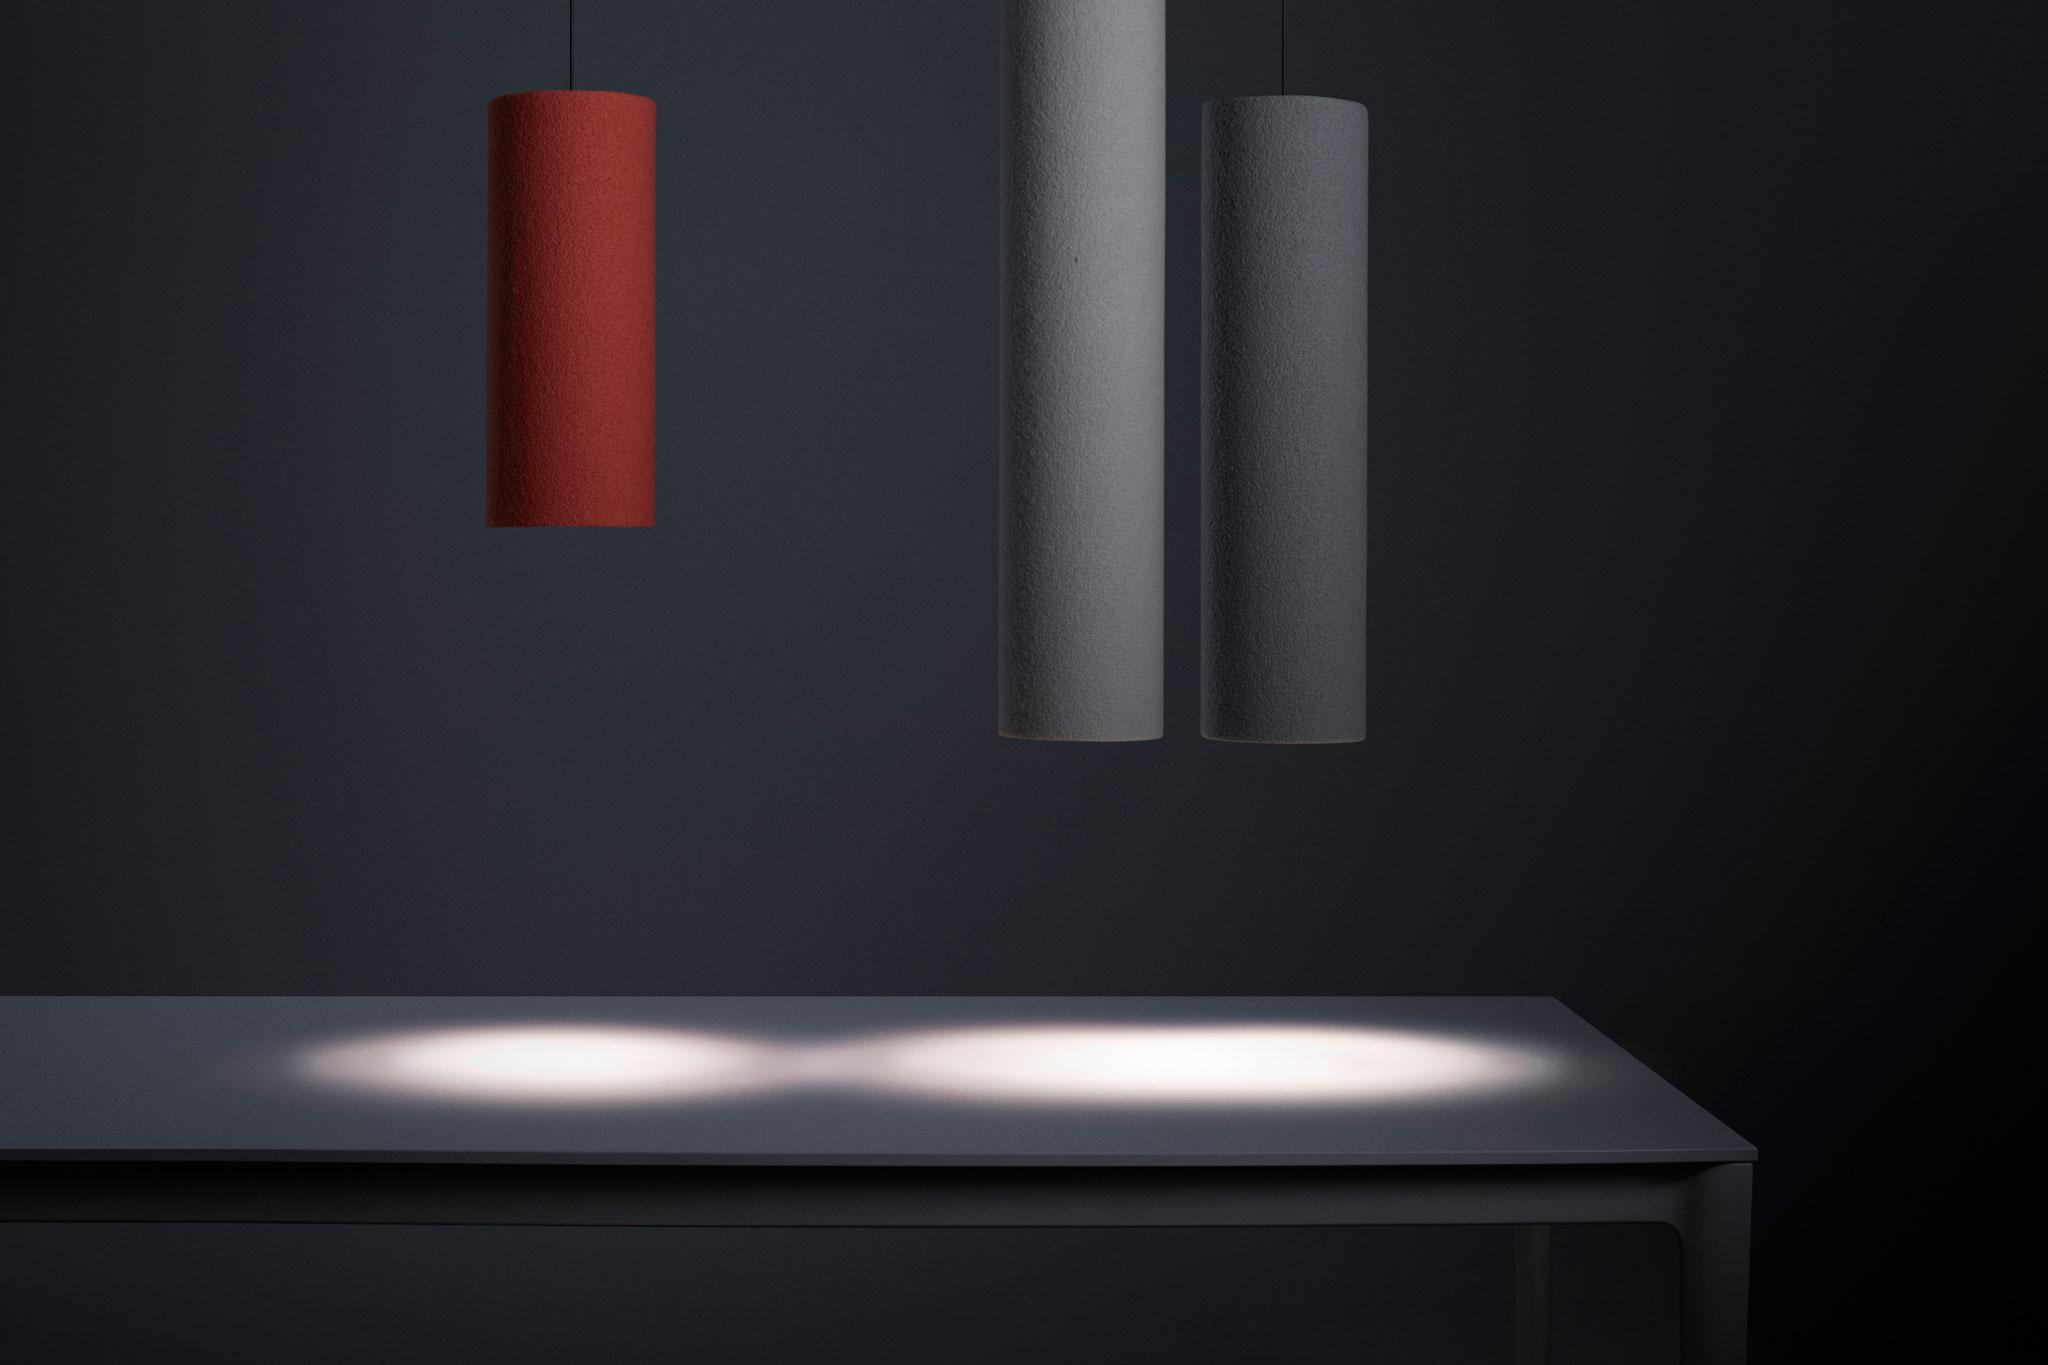 Die Akustikleuchte RELAX Tube Light bietet eine neue Dimension von ausgewogenem Raumklang und angenehmem Licht 1